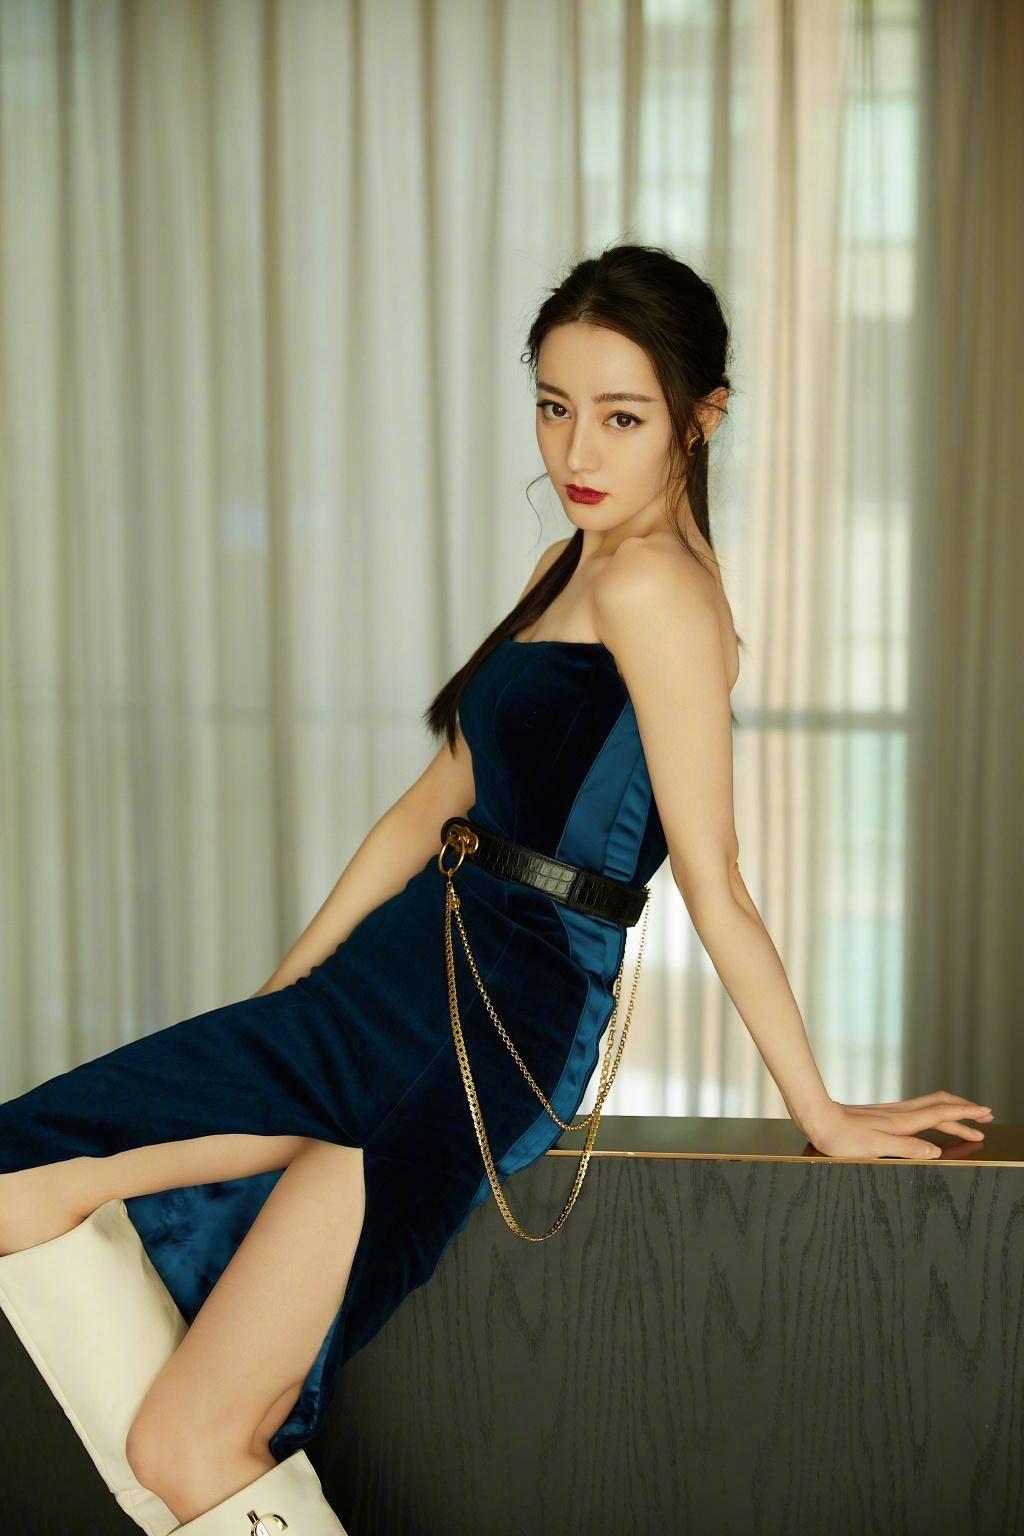 原创             迪丽热巴蓝丝绒开叉裙,抹胸设计展露绝美肩线,一颦一笑皆迷人